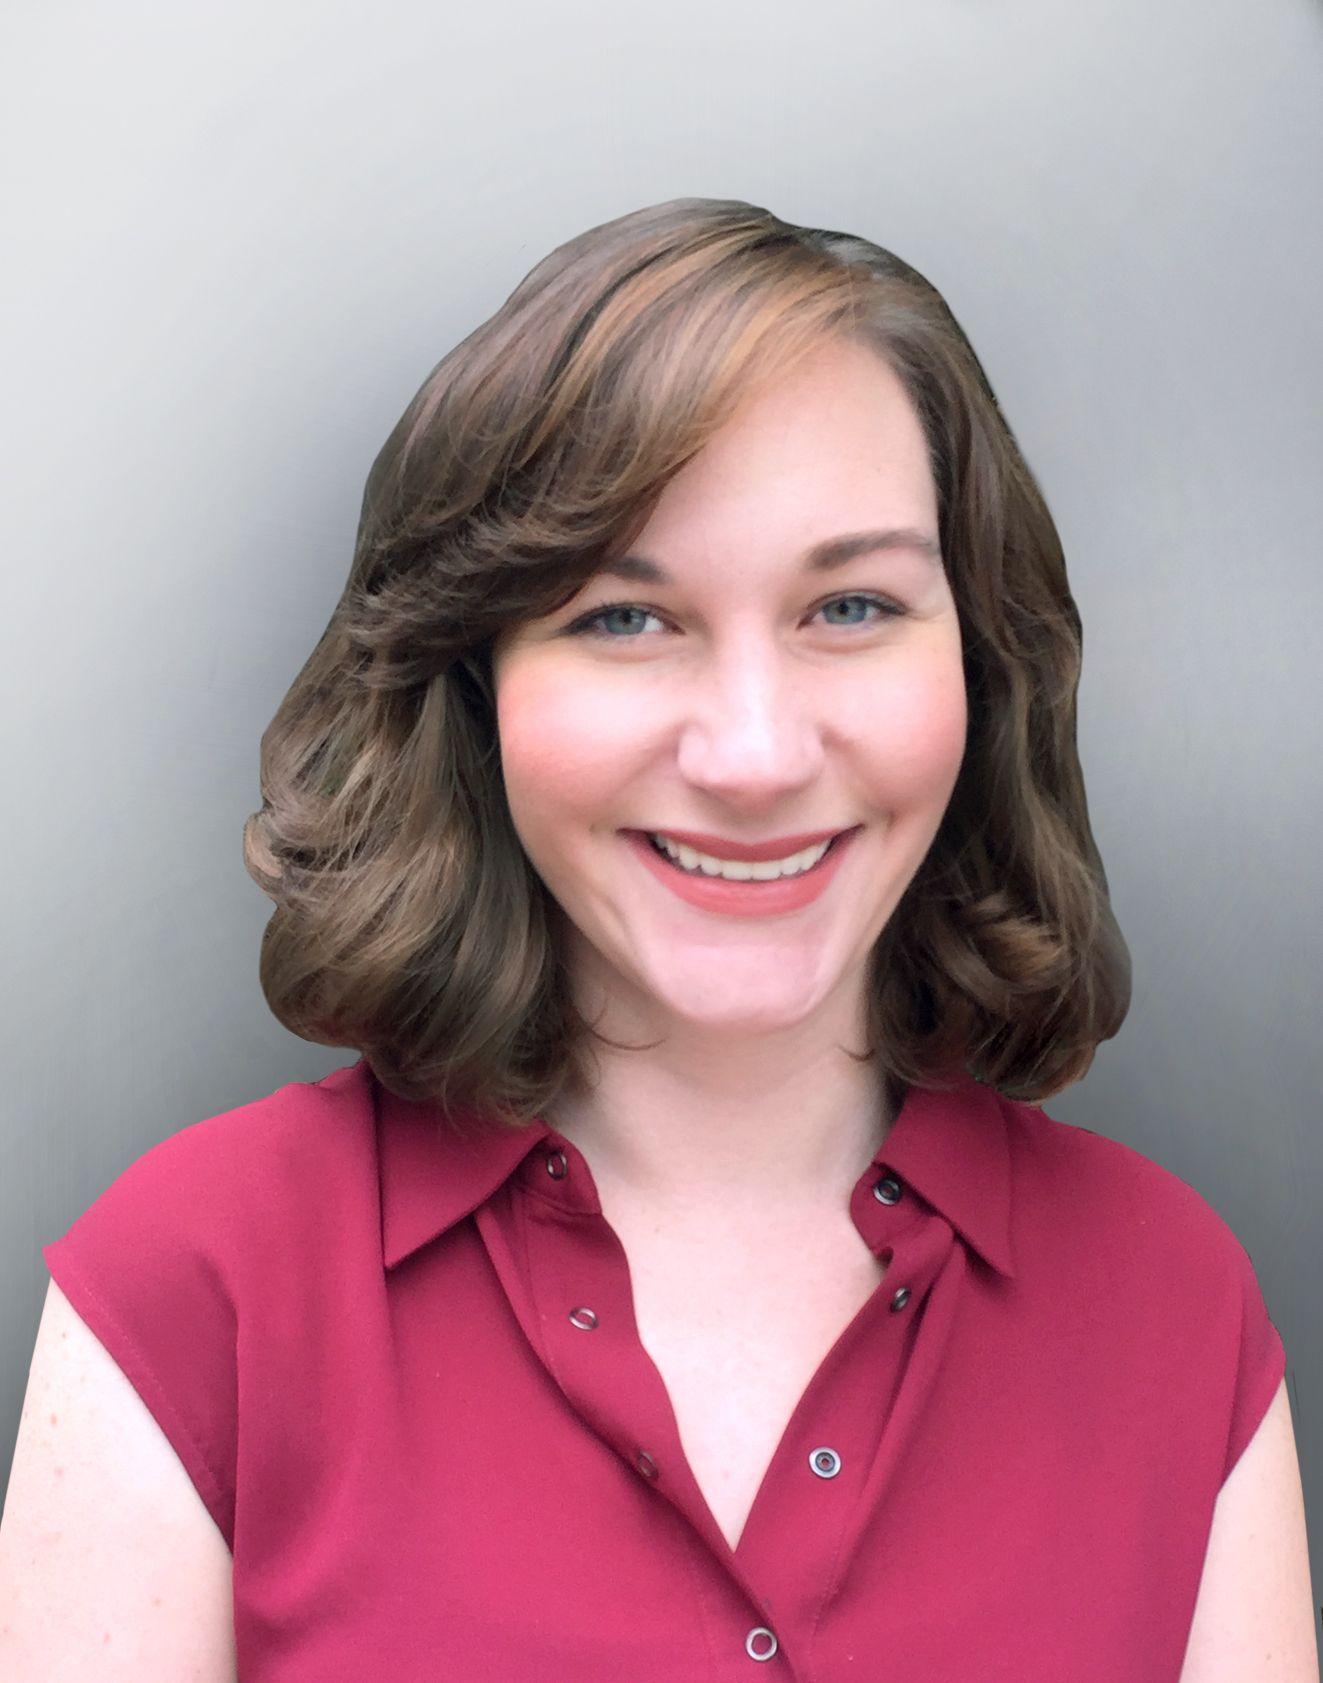 Online Specialist Rachel Eicher